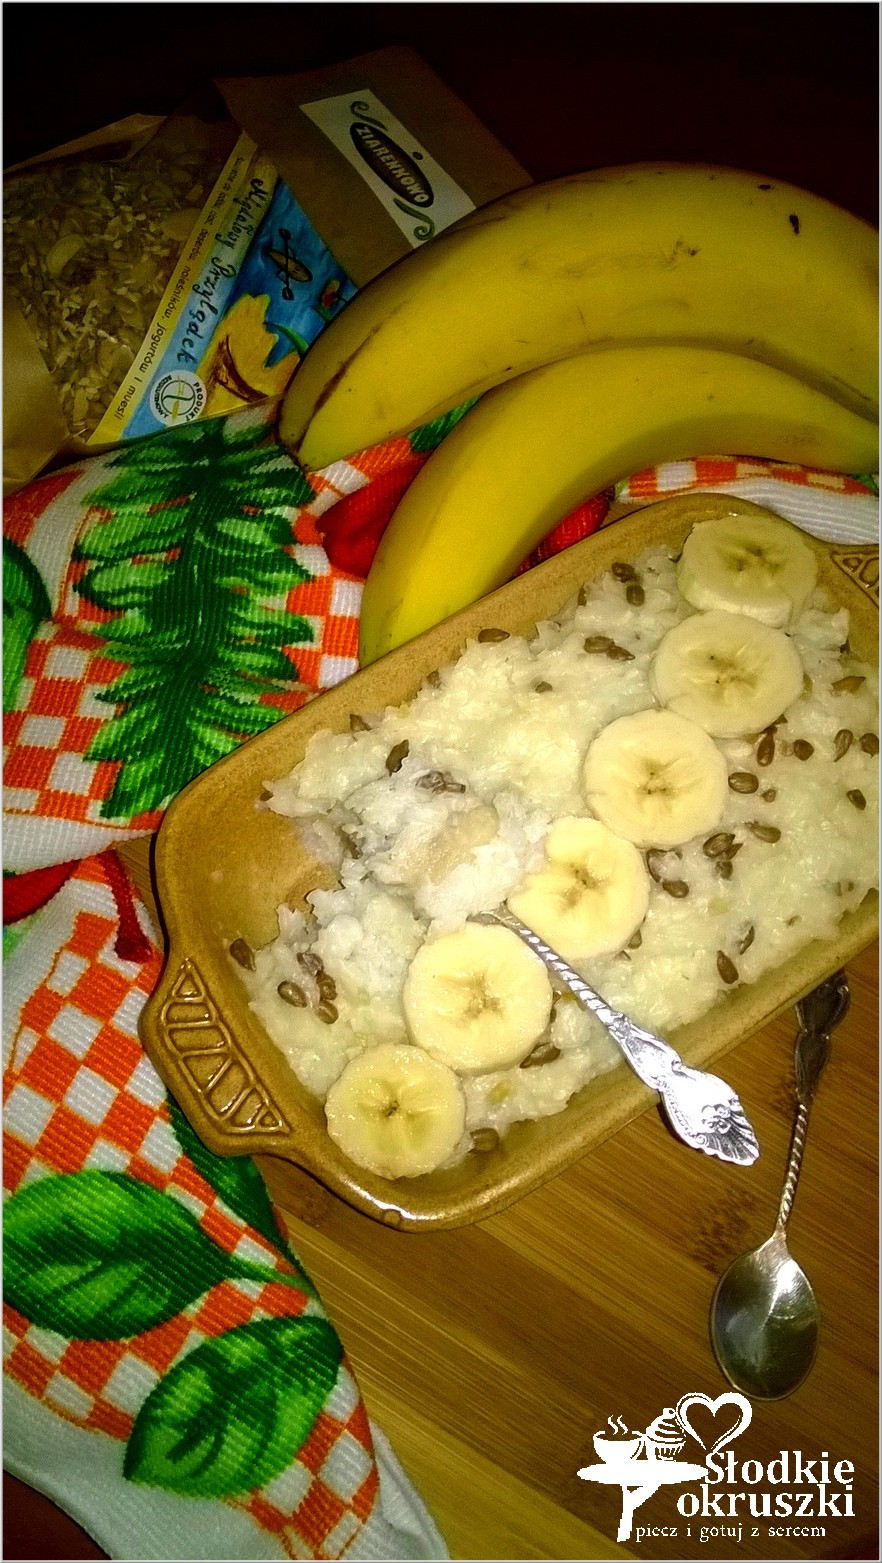 Pyszna zapiekanka ryżowa z bananami i migdałowymi ziarenkami 3